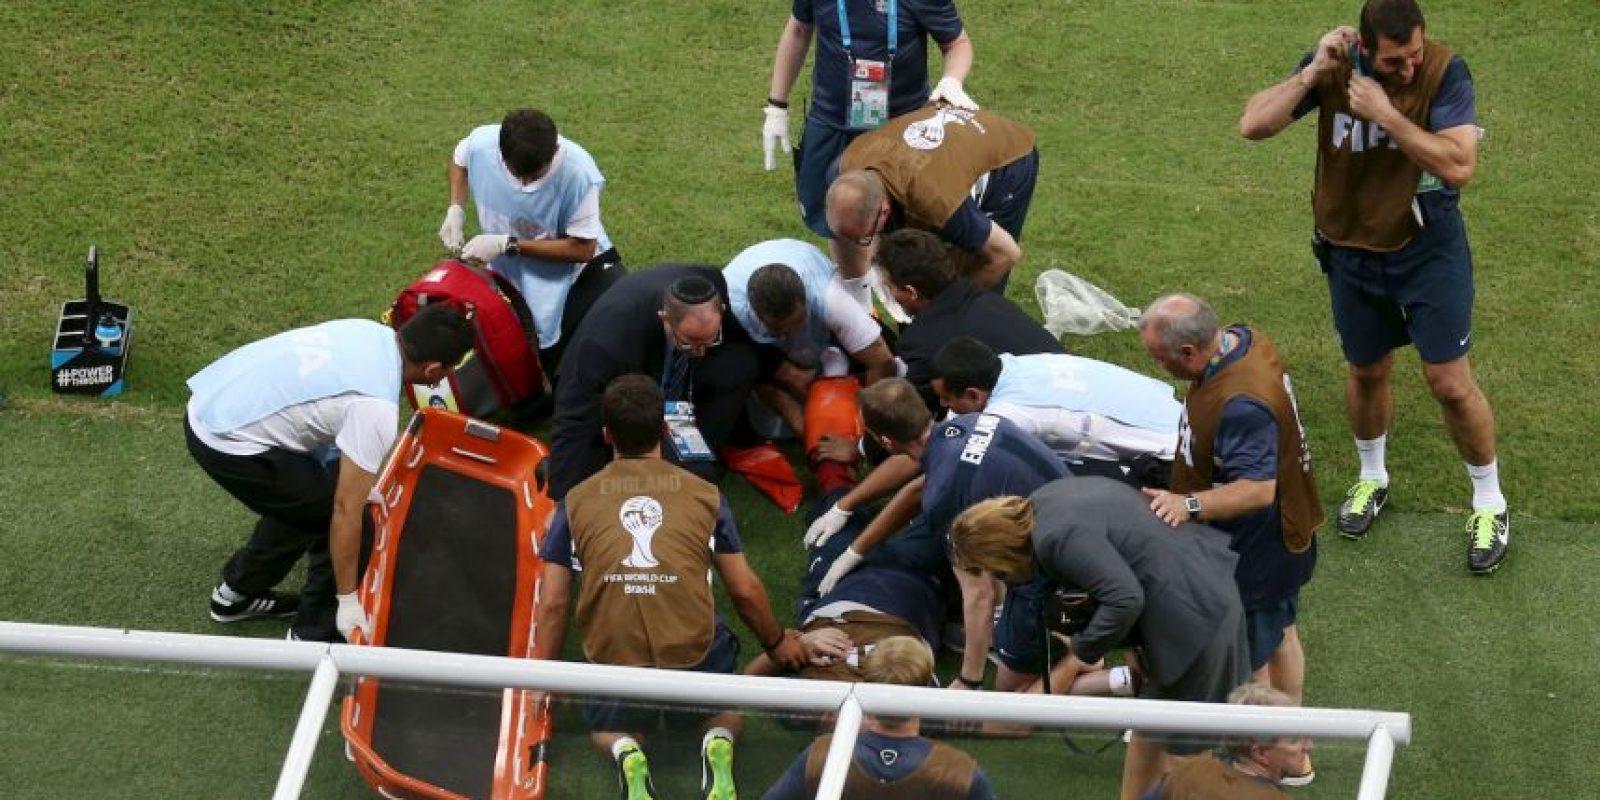 Festejó tanto un gol de Inglaterra en el Mundial que tuvo que salir en camilla. Foto:Getty Images